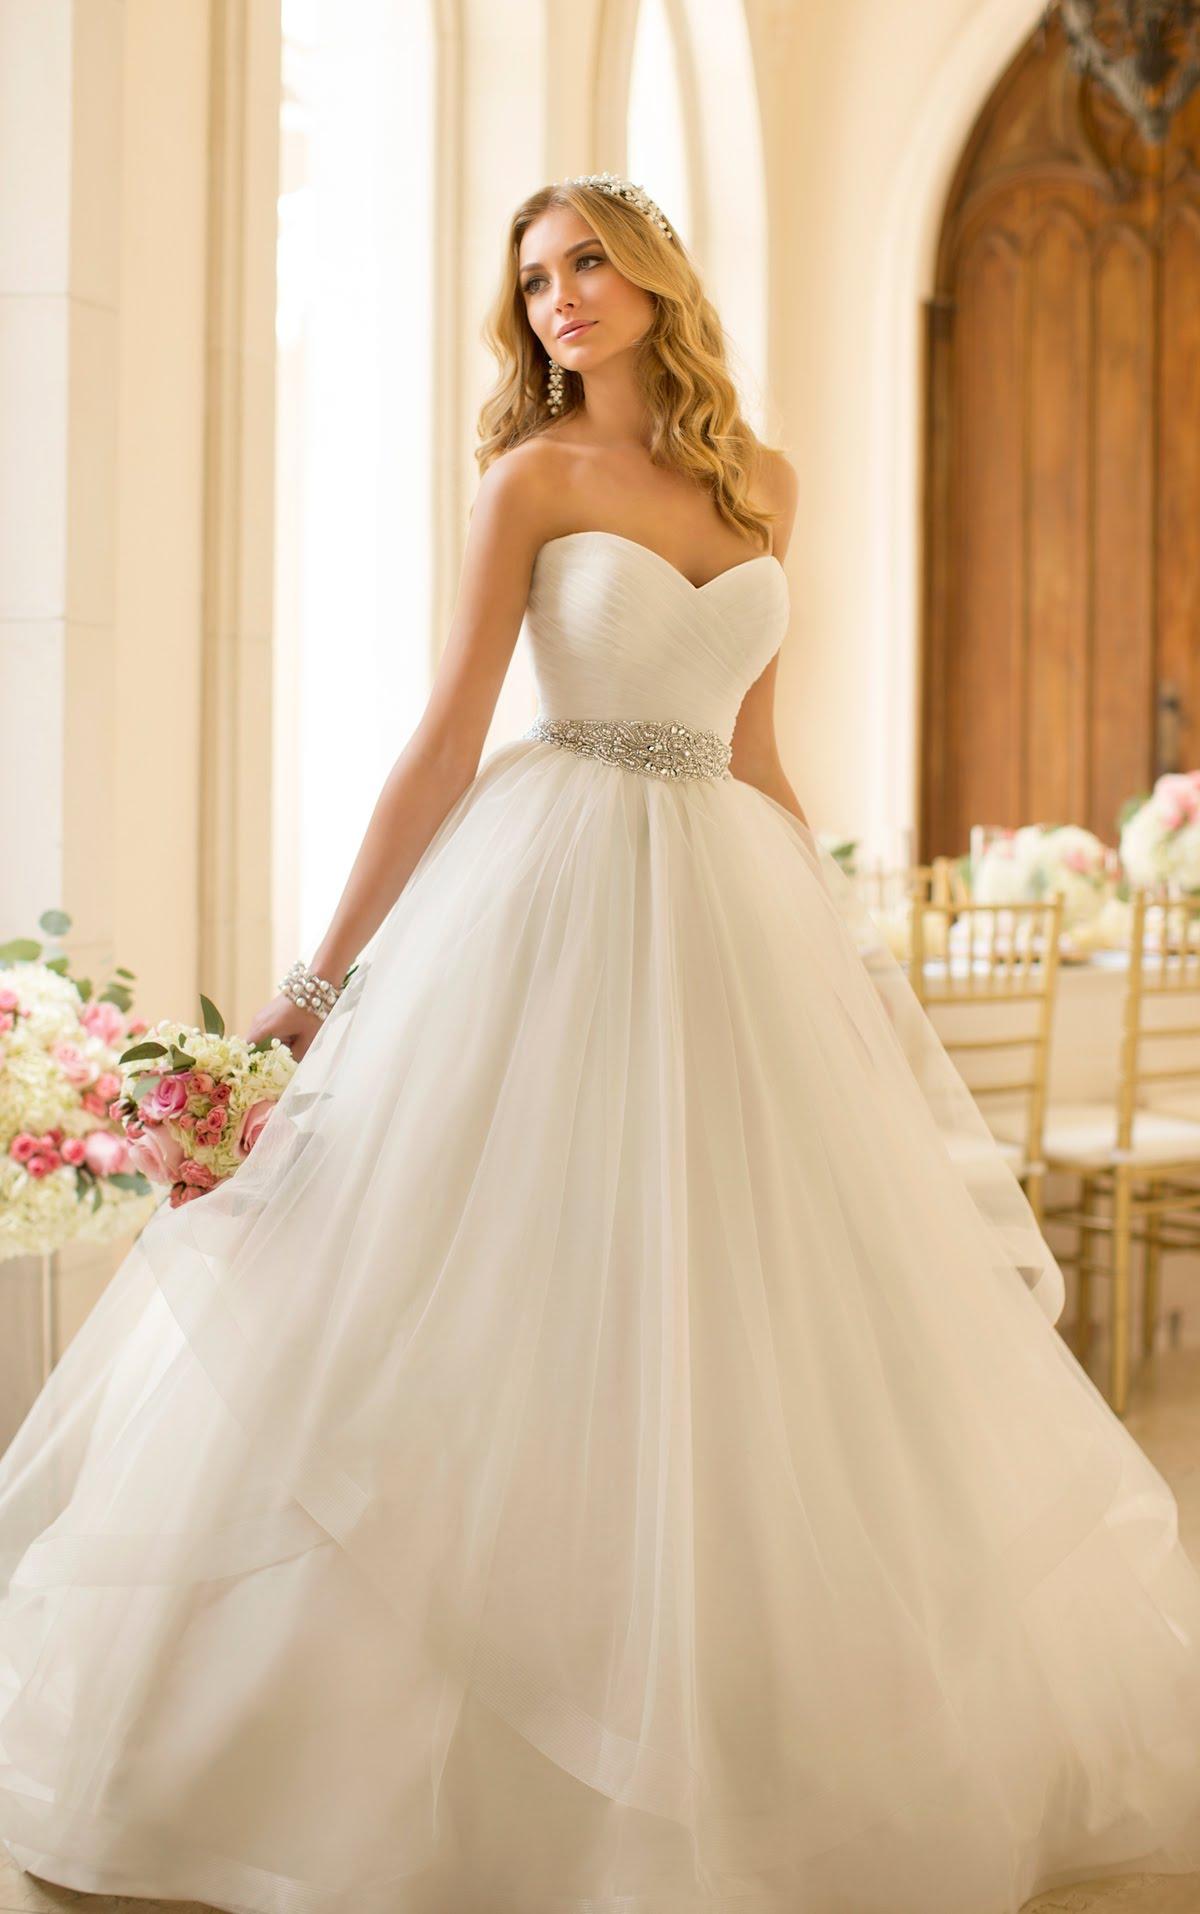 e9c318c70eac1 جديد فساتين زفاف 2019. لكل عروسة موضة فساتين جديده